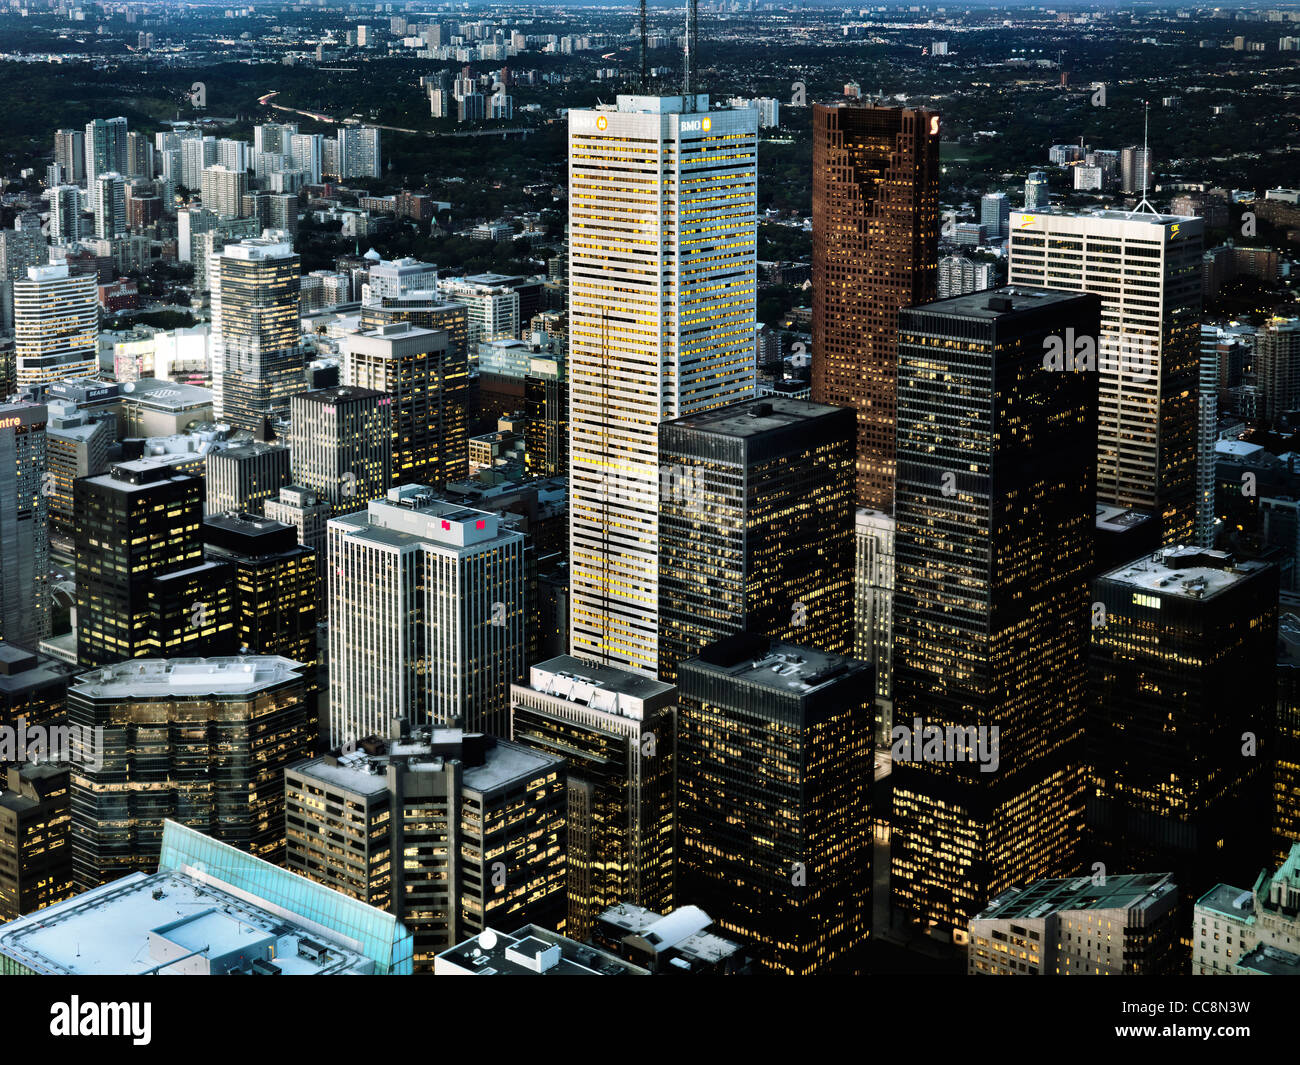 Vista aérea de la ciudad de Toronto Downtown torres al anochecer, Ontario, Canadá, 2009. Imagen De Stock